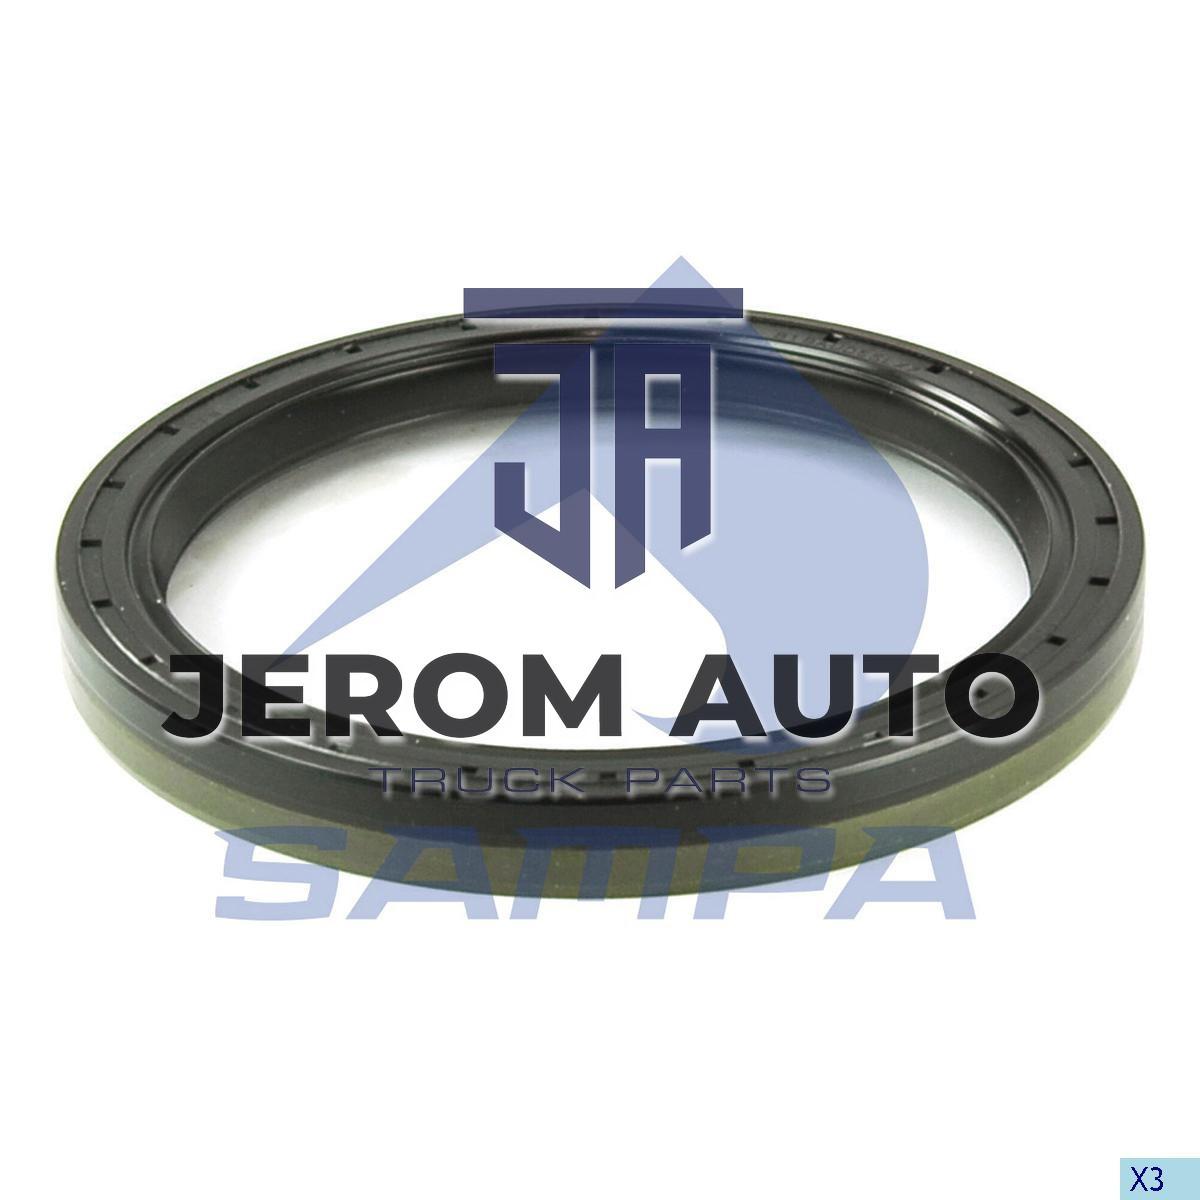 Сальник Mercedes ABS d120xd145x15 / NBR \0109978147 \ 010.231